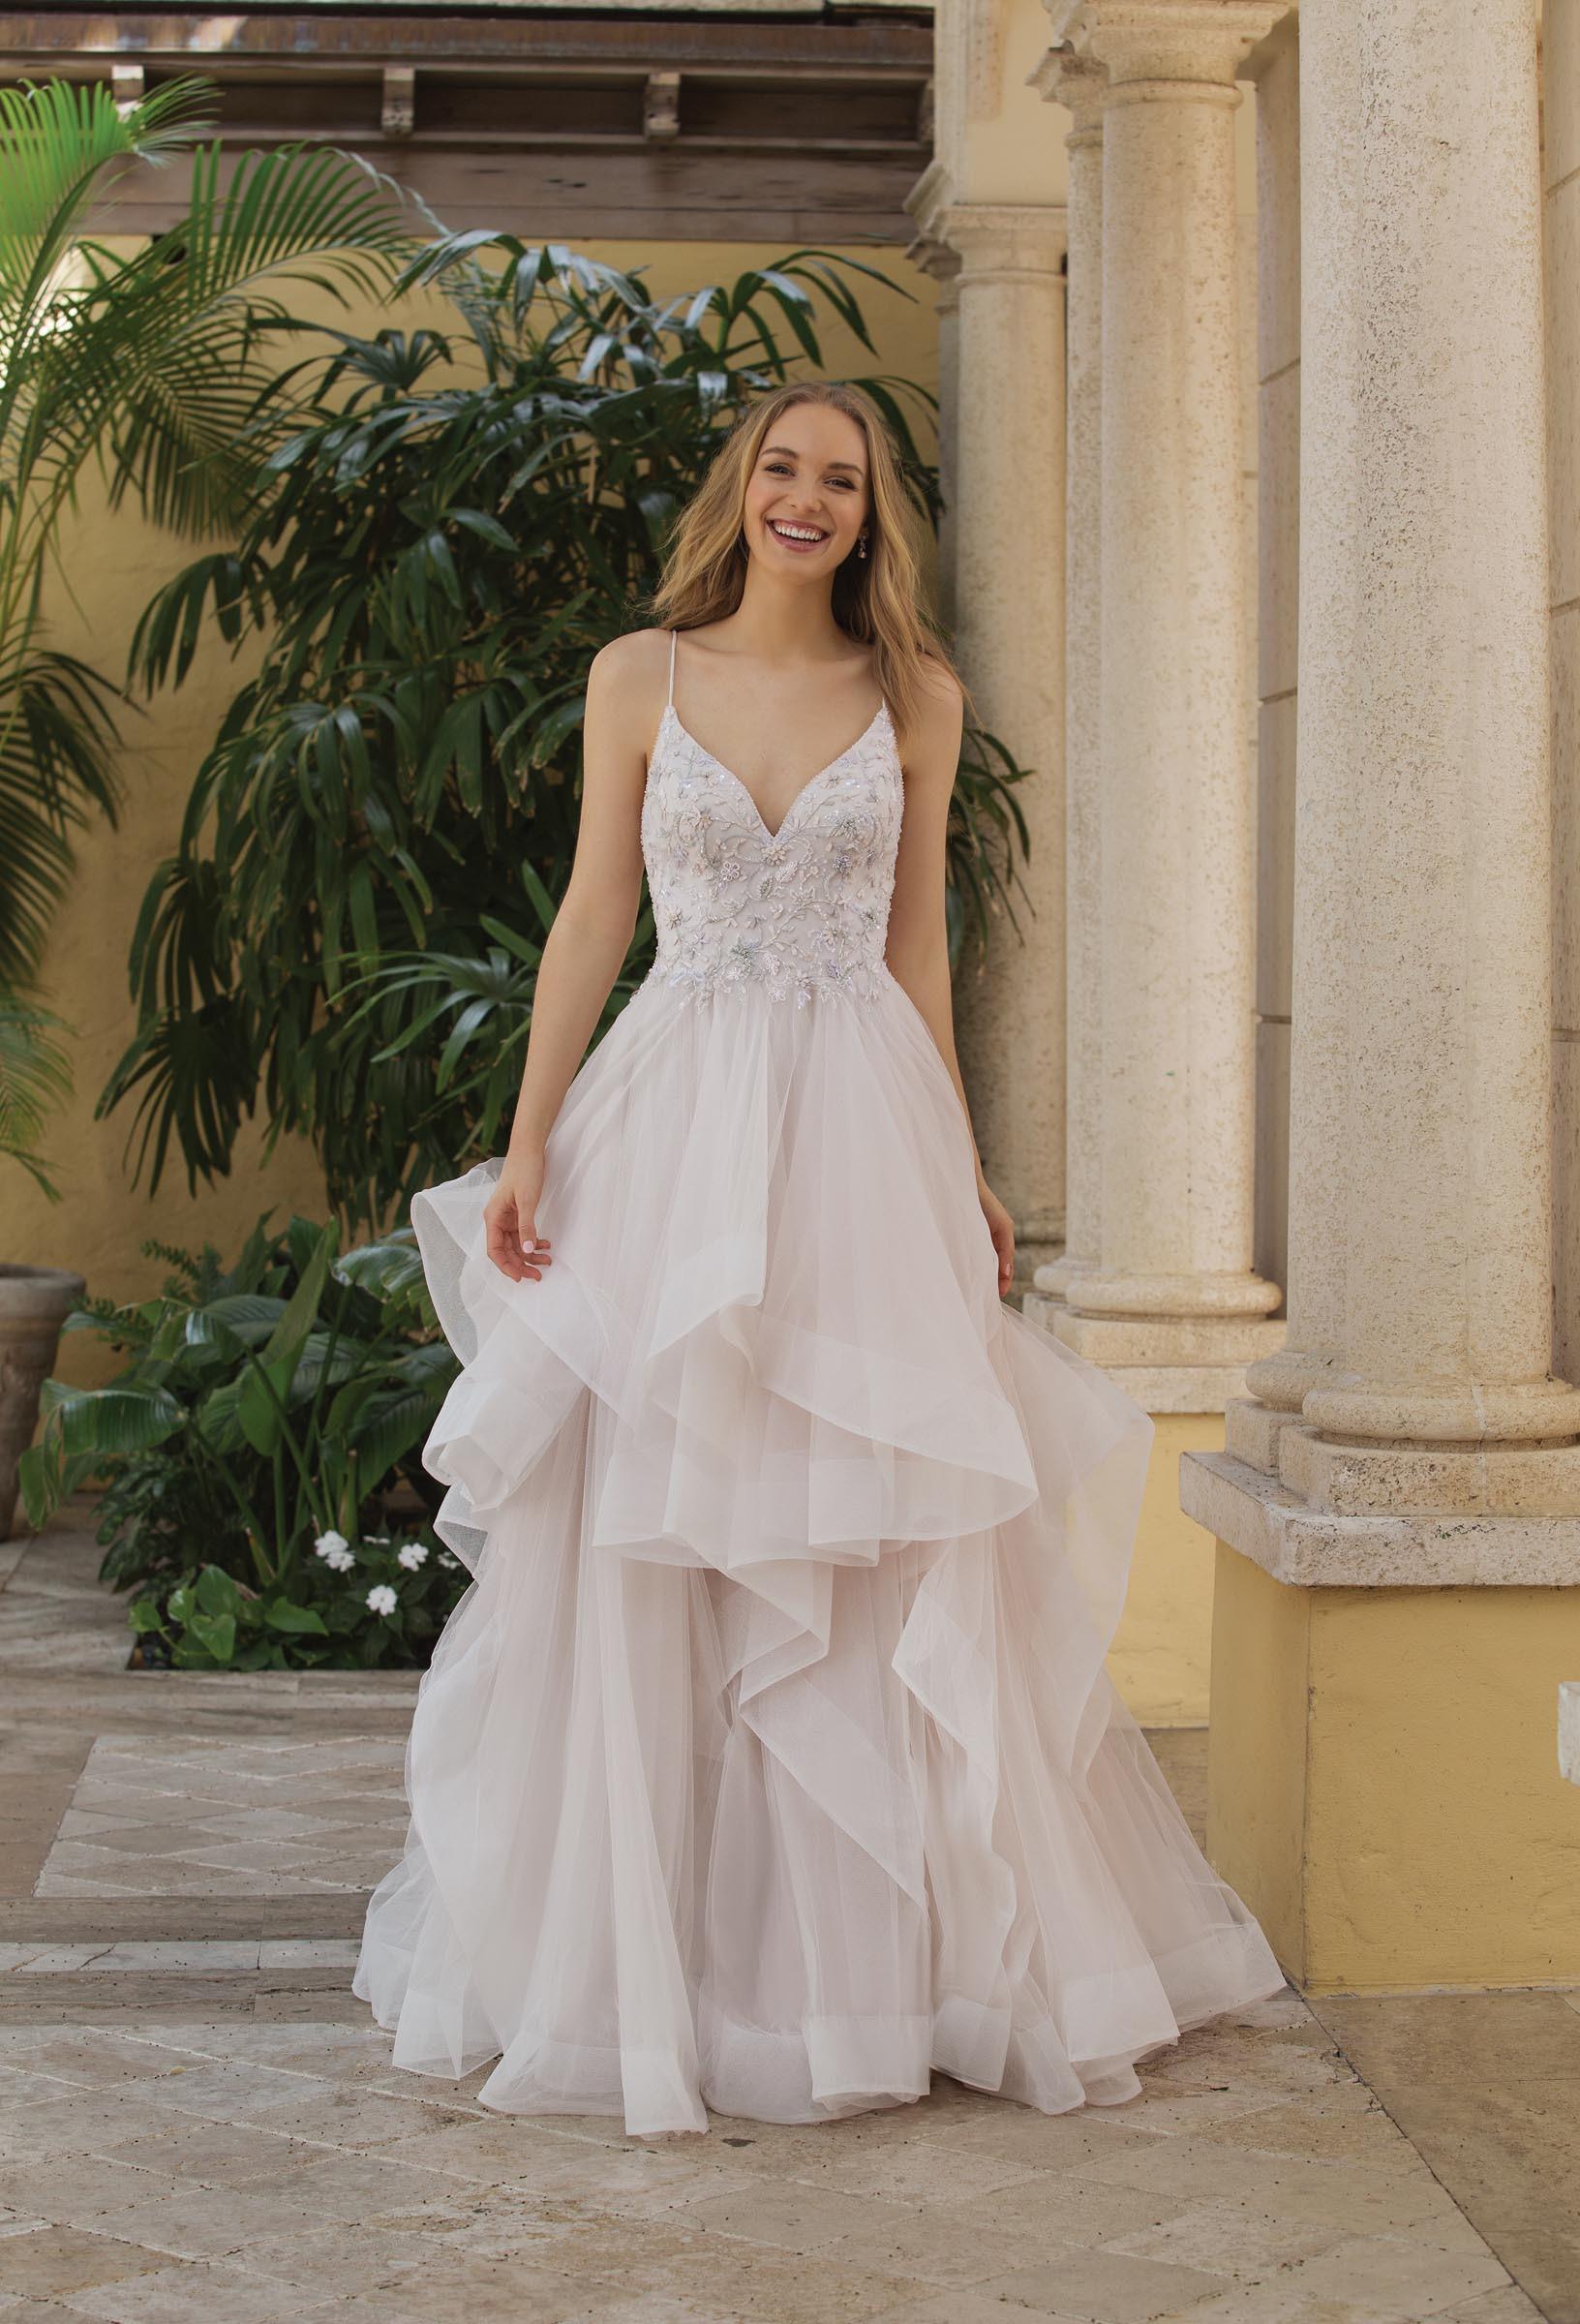 Prinzessinnen-Brautkleid mit Spaghettiträger und Volants von Sincerity, Modell 44104